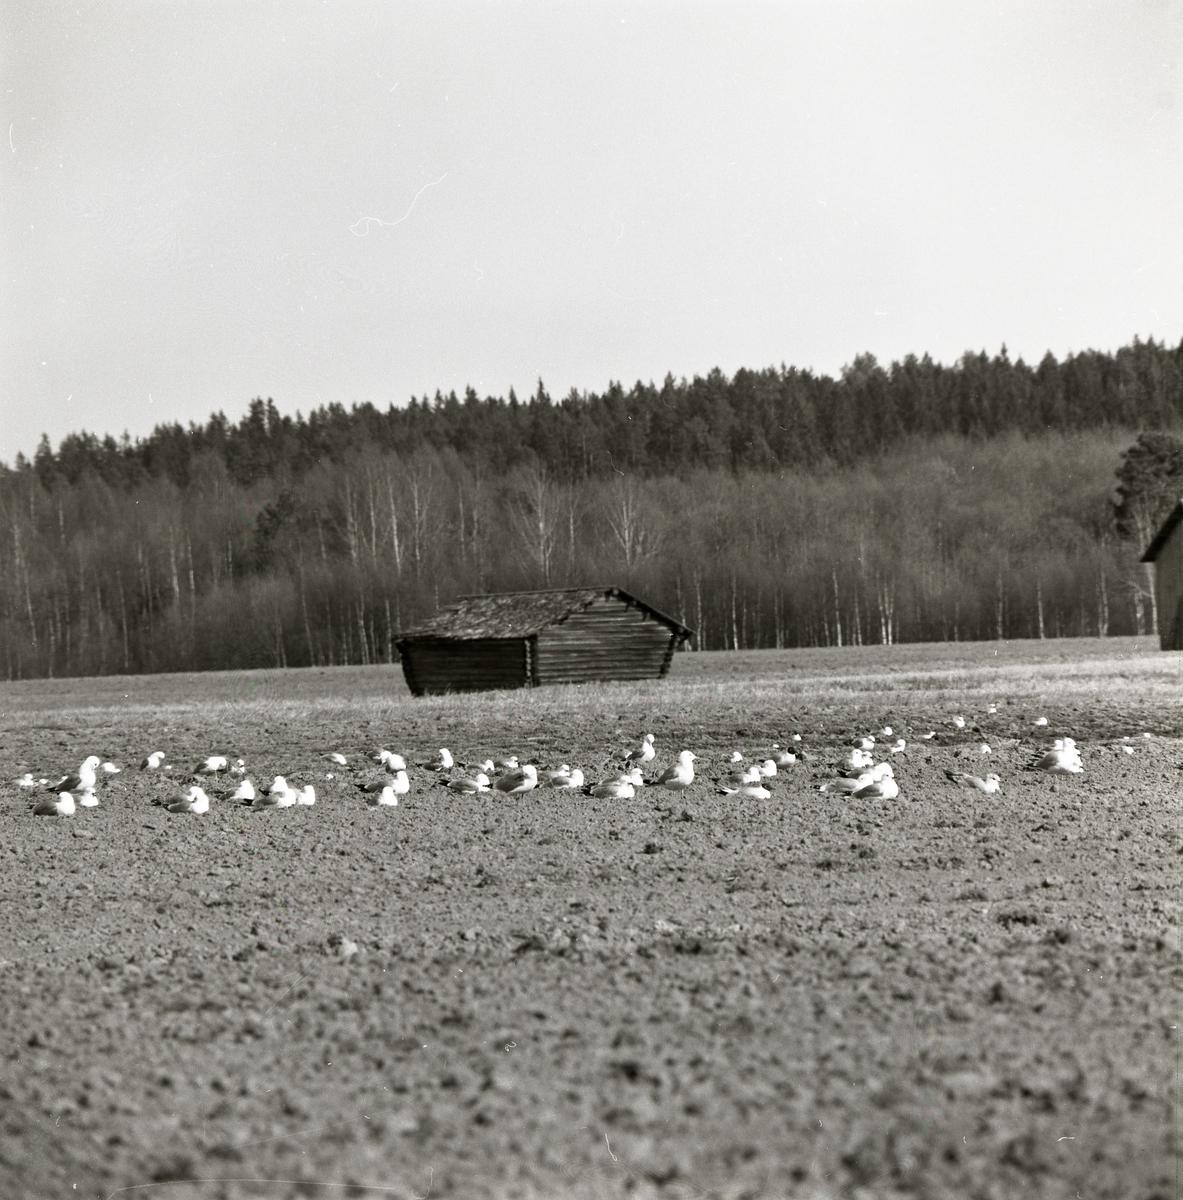 En flock fåglar ligger på en åker med hus och skog i bakgrunden.